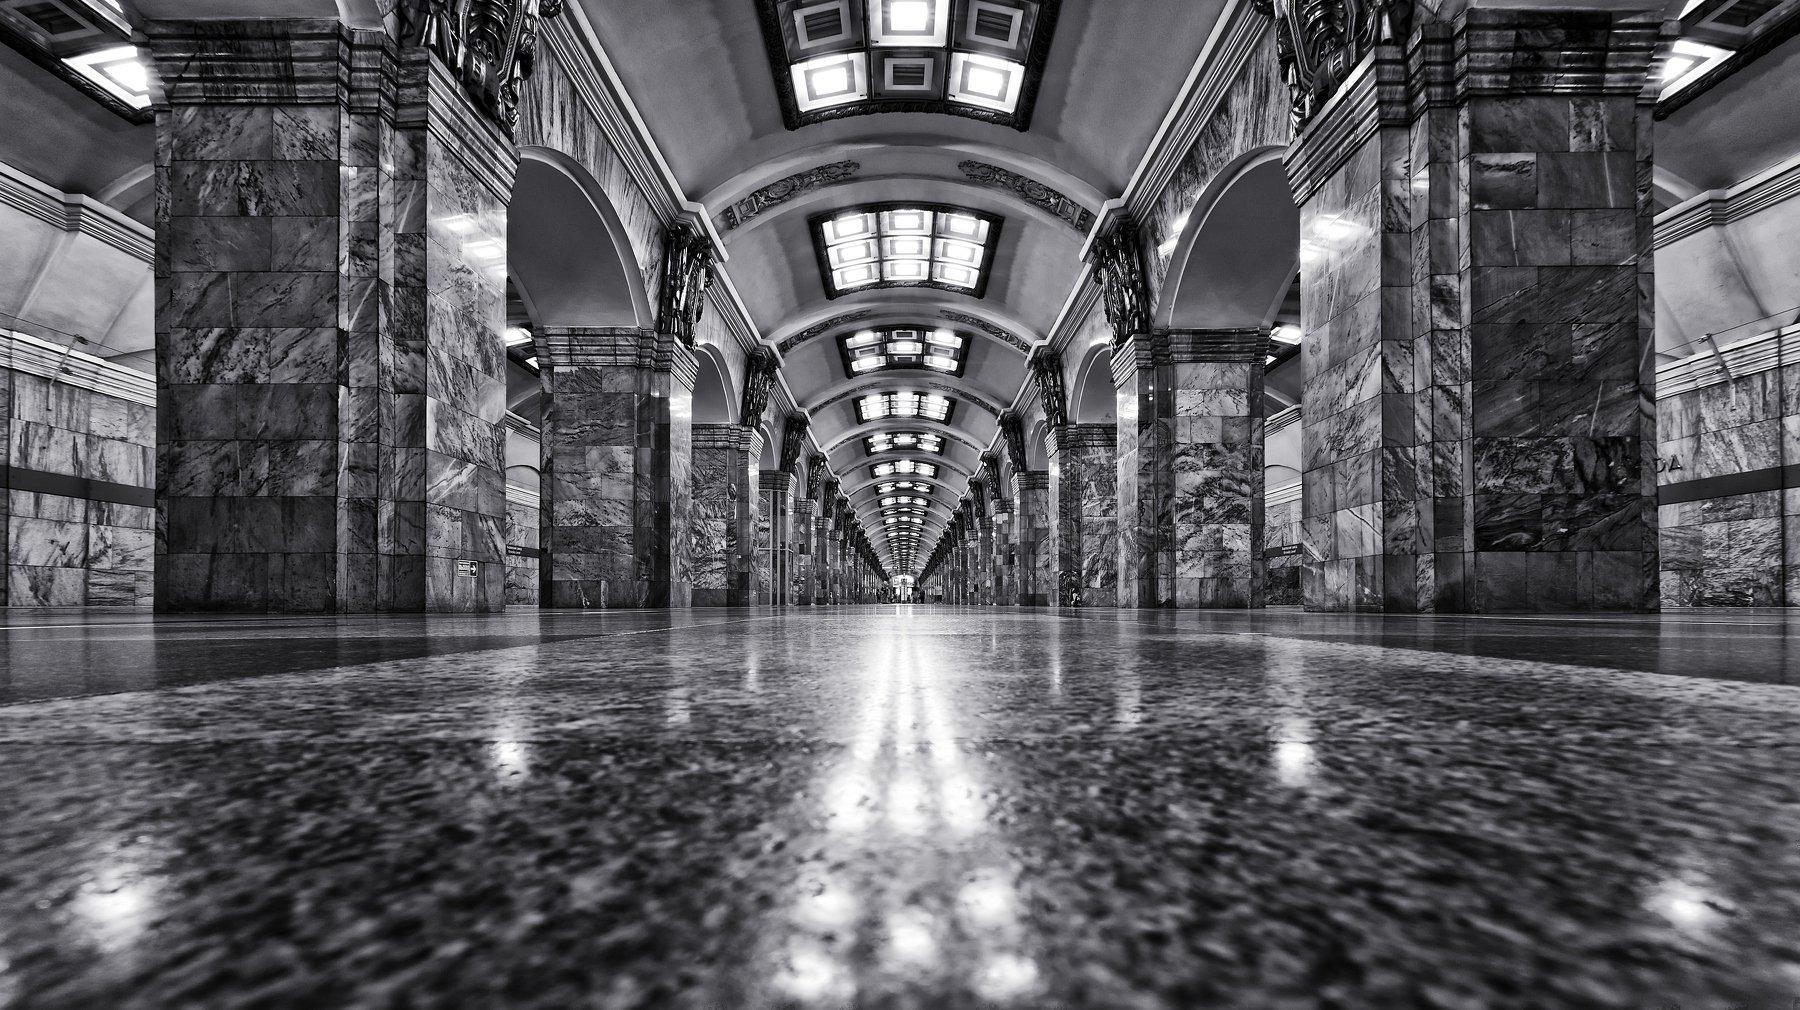 город,метро,станция,мрамор,архитектура, Тамара